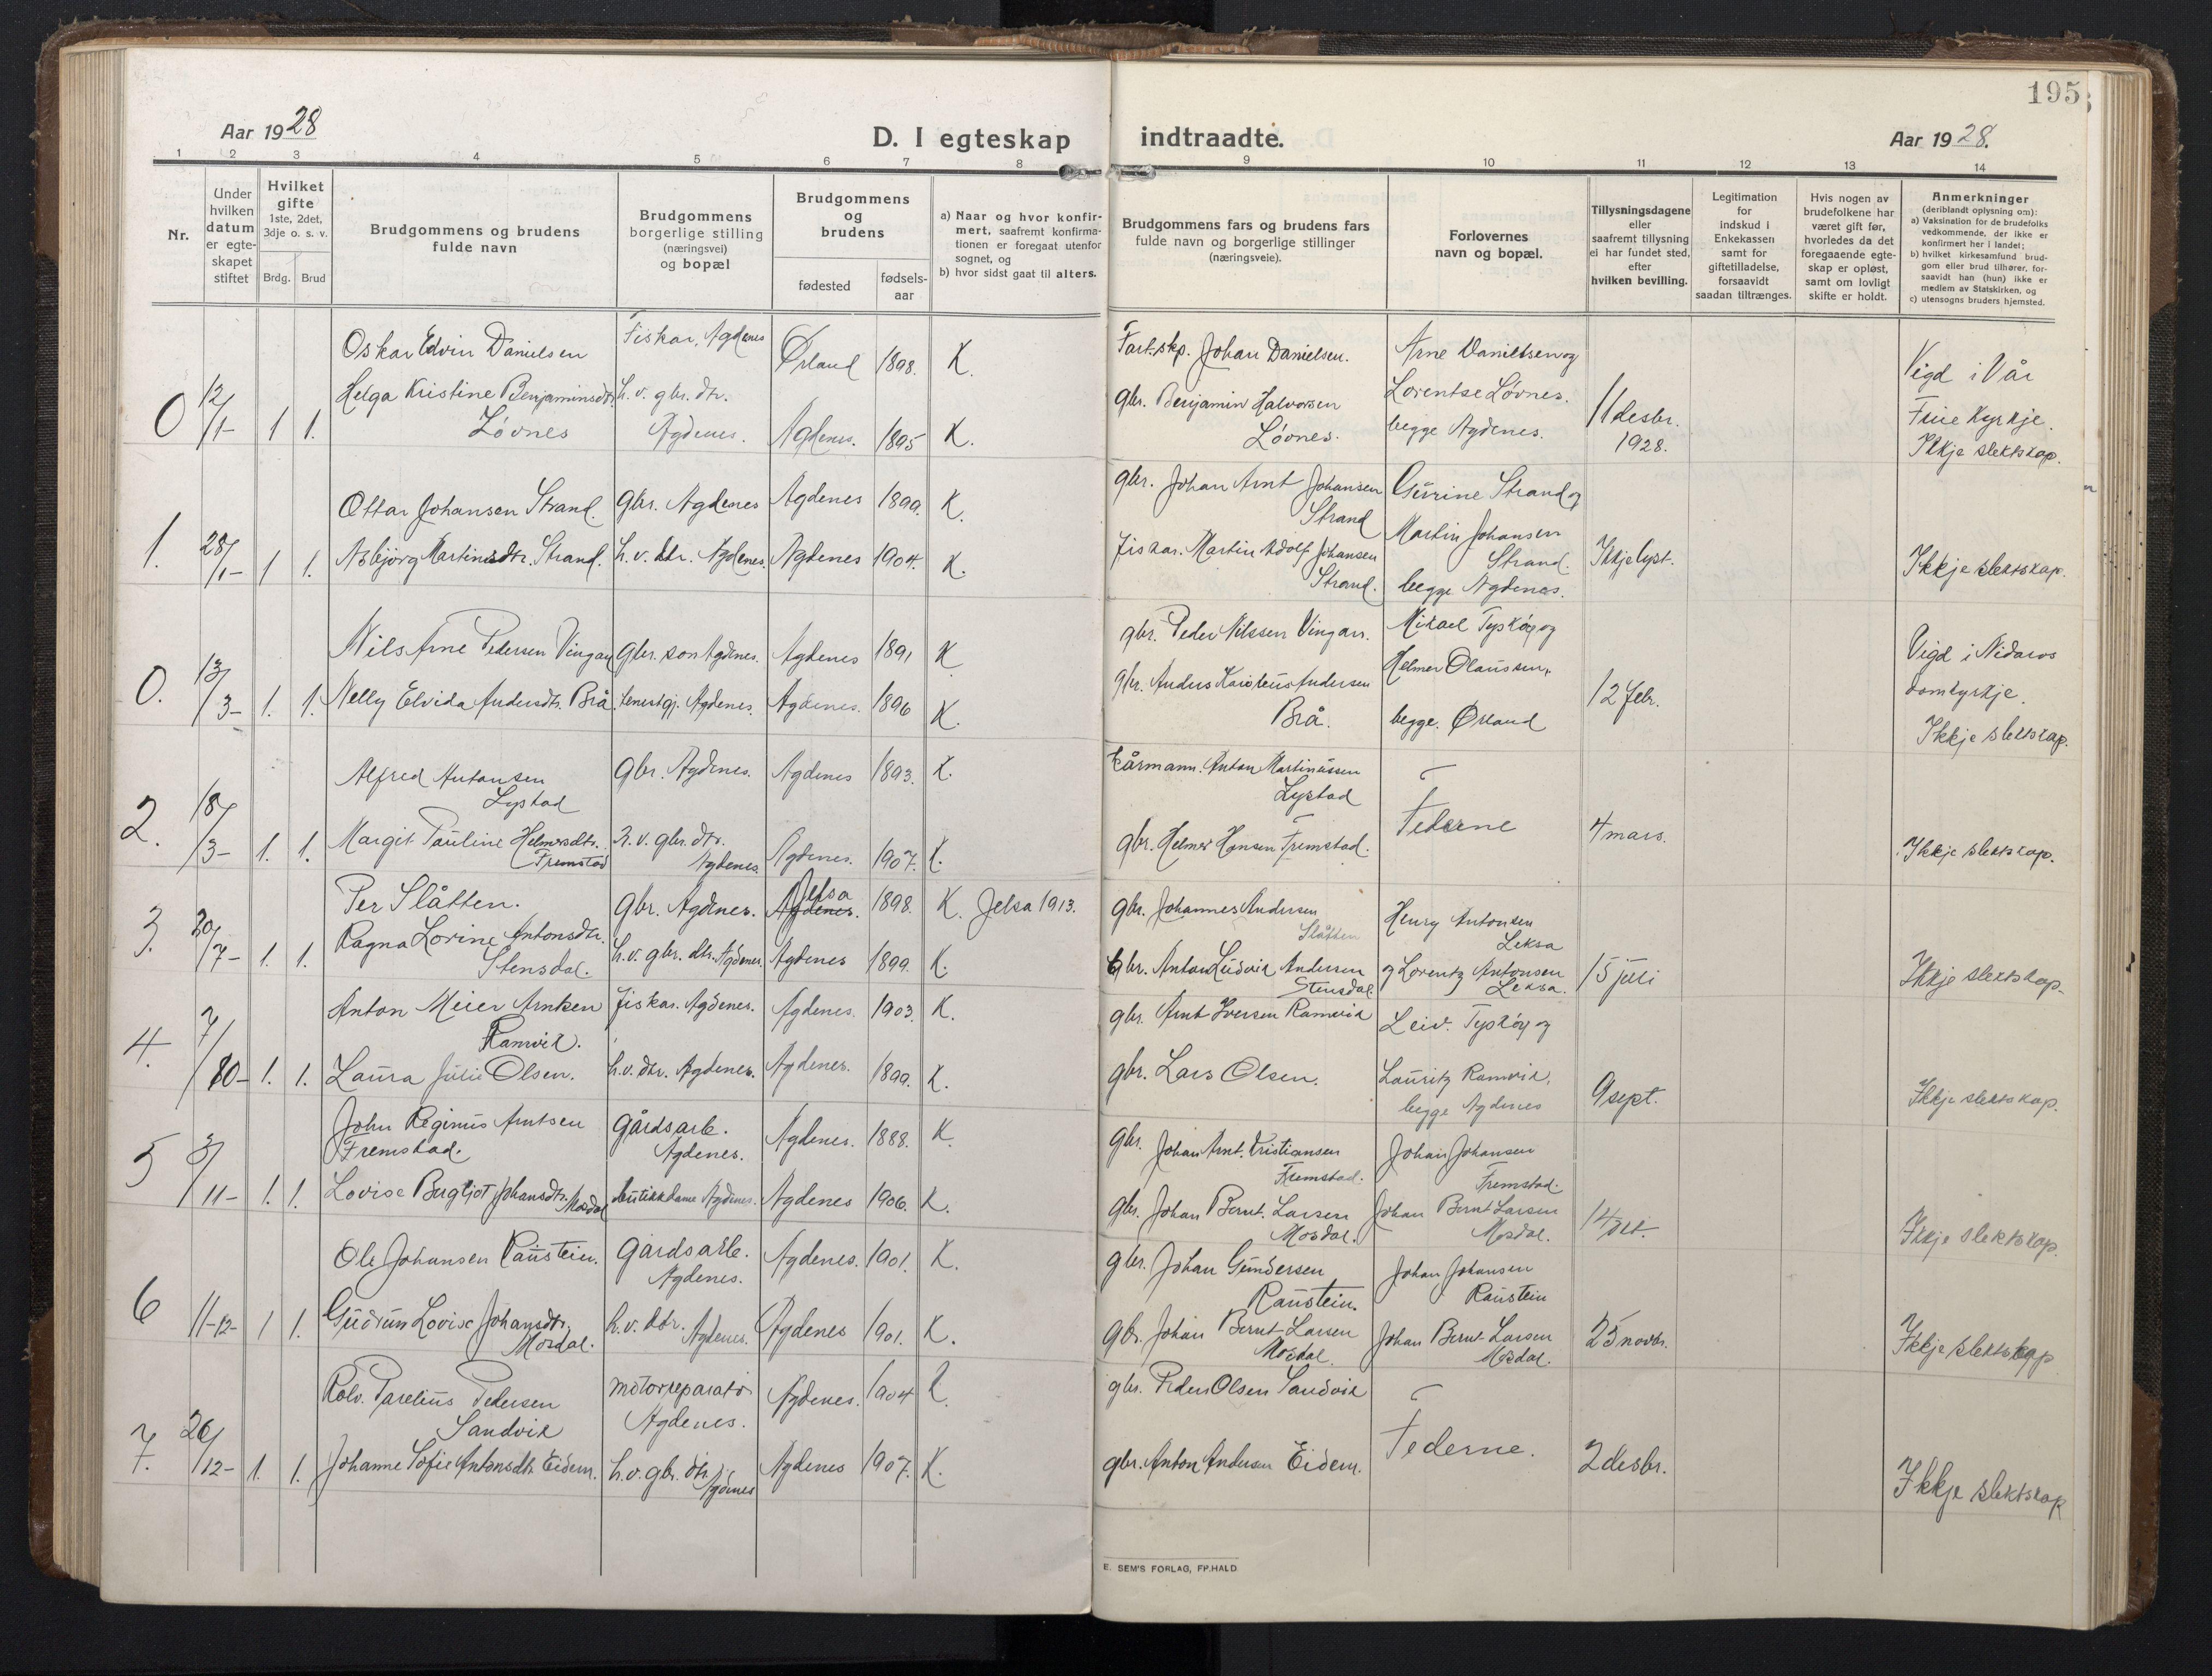 SAT, Ministerialprotokoller, klokkerbøker og fødselsregistre - Sør-Trøndelag, 662/L0758: Klokkerbok nr. 662C03, 1918-1948, s. 195